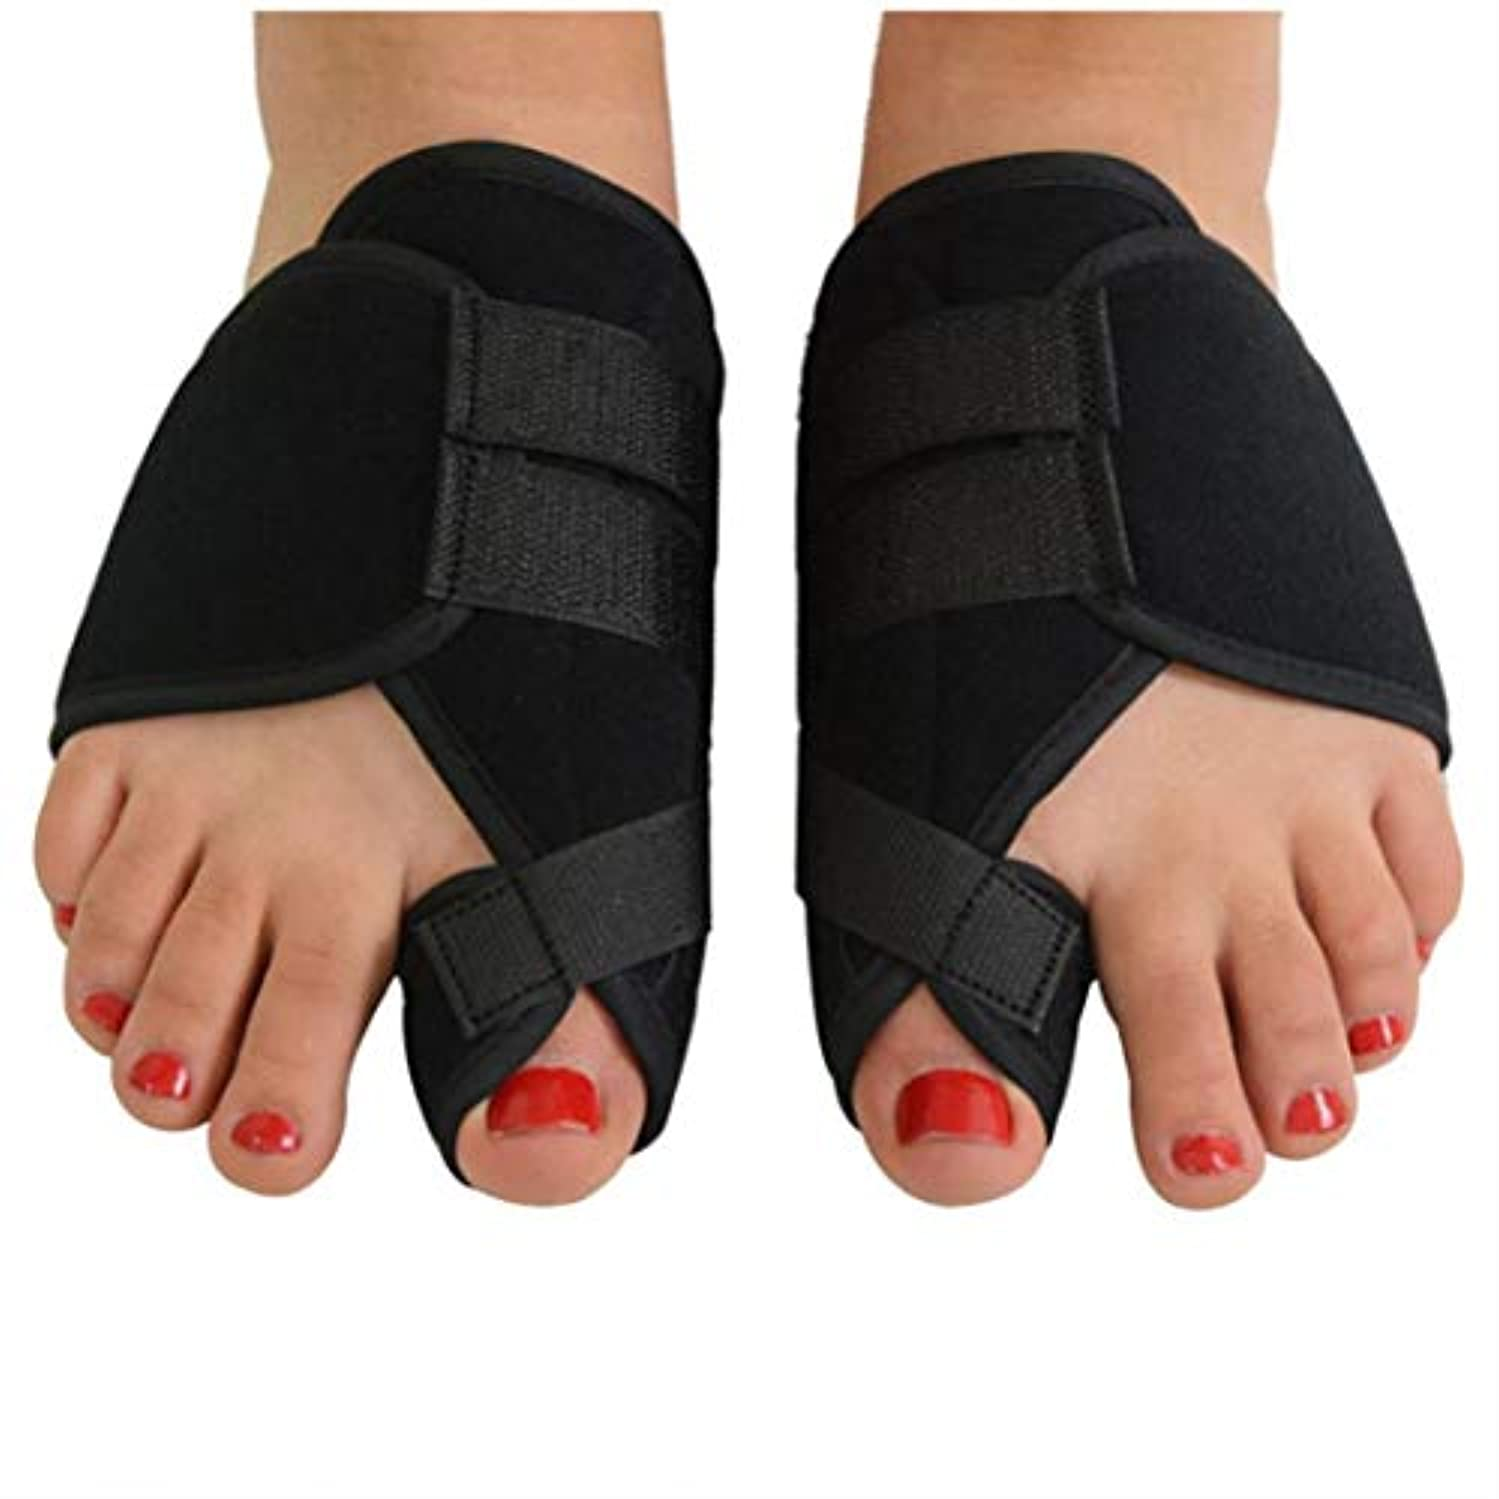 毎月カーフ制限バニオンコレクターおよびバニオンリリーフ整形外科用ビッグトゥストレートナーは、外反母趾を治療し、予防する(ワンサイズ)